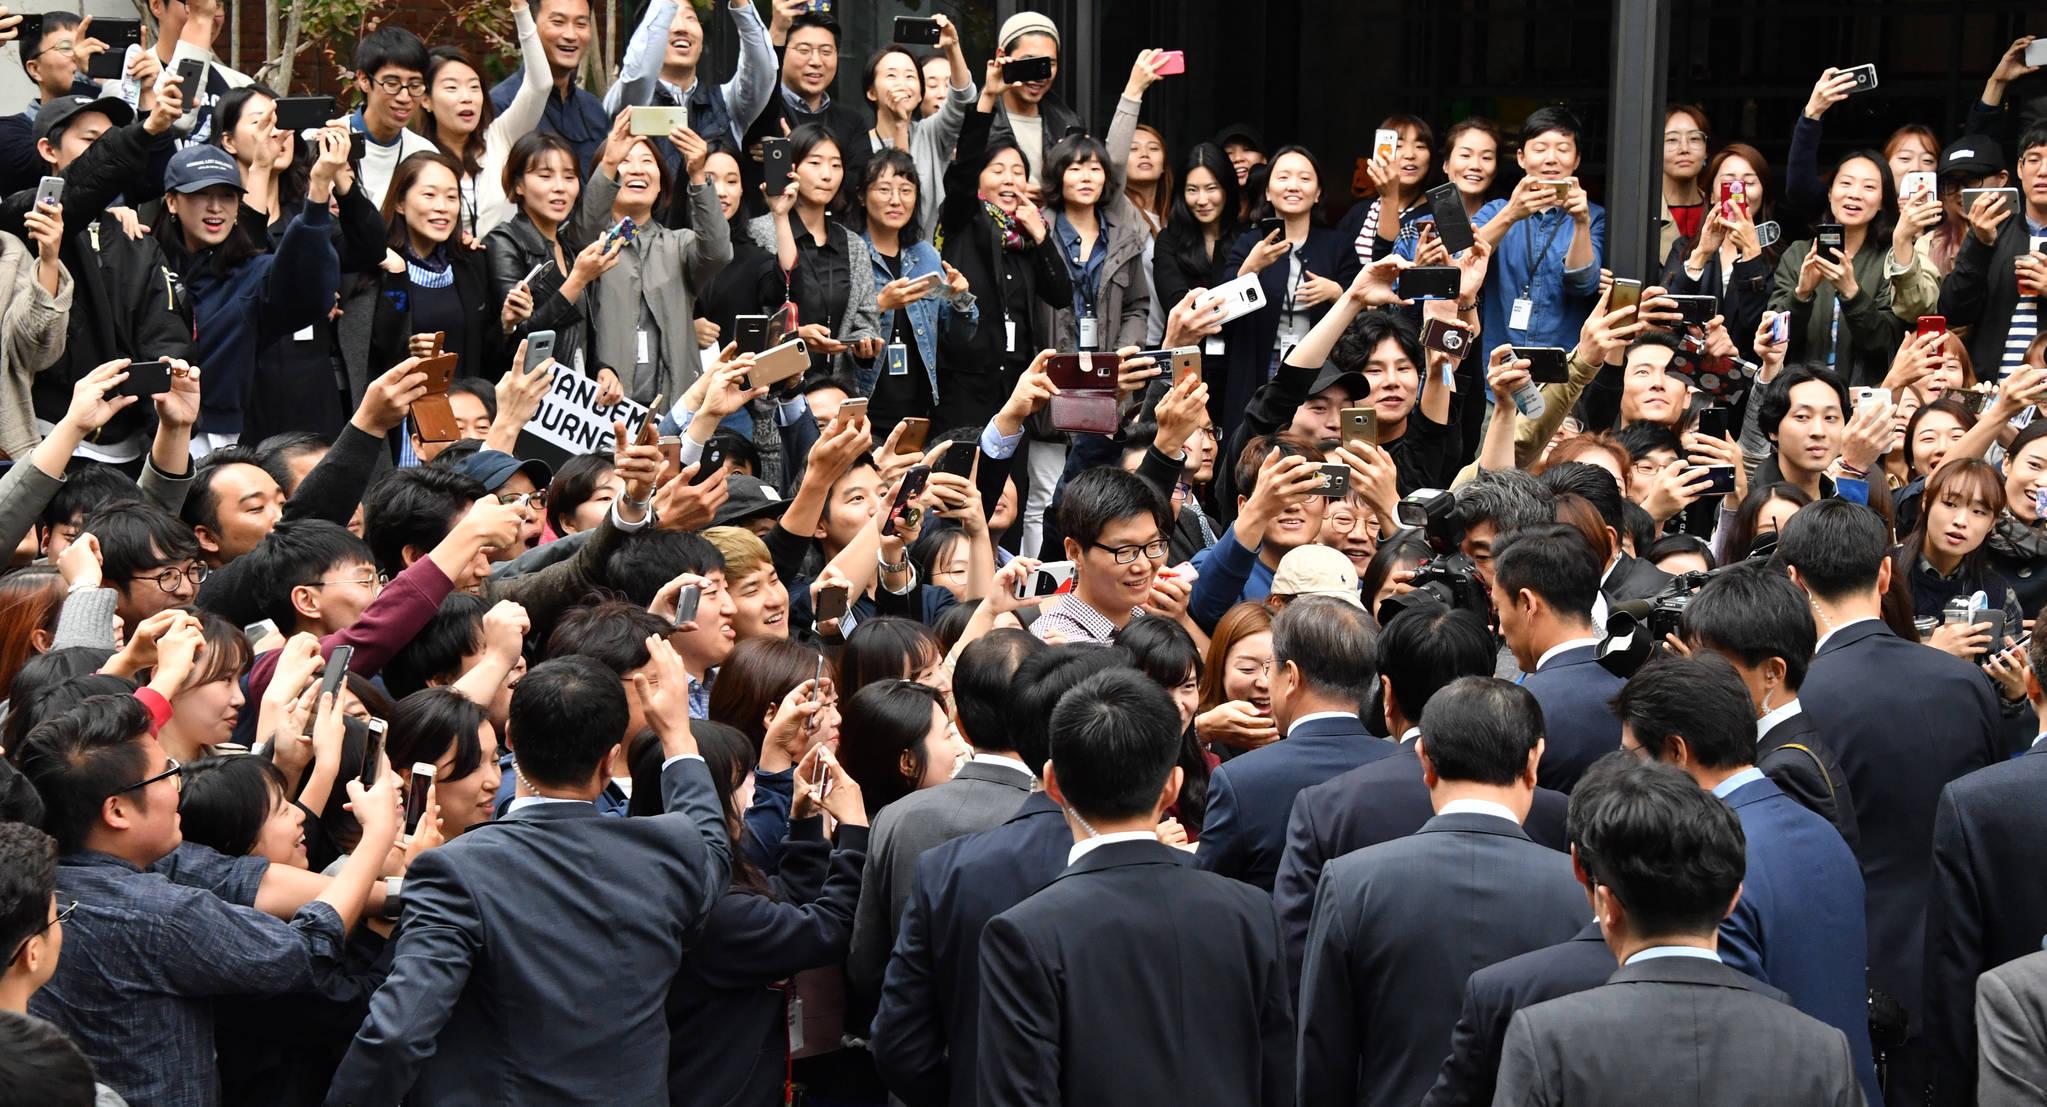 문재인 대통령이 10월 18일 오후 서울 성동구 성수동에서 열린 제3차 일자리위원회에 참석하기 위해 헤이그라운드에 도착해 직원들과 인사를 나누고 있다. 청와대사진기자단